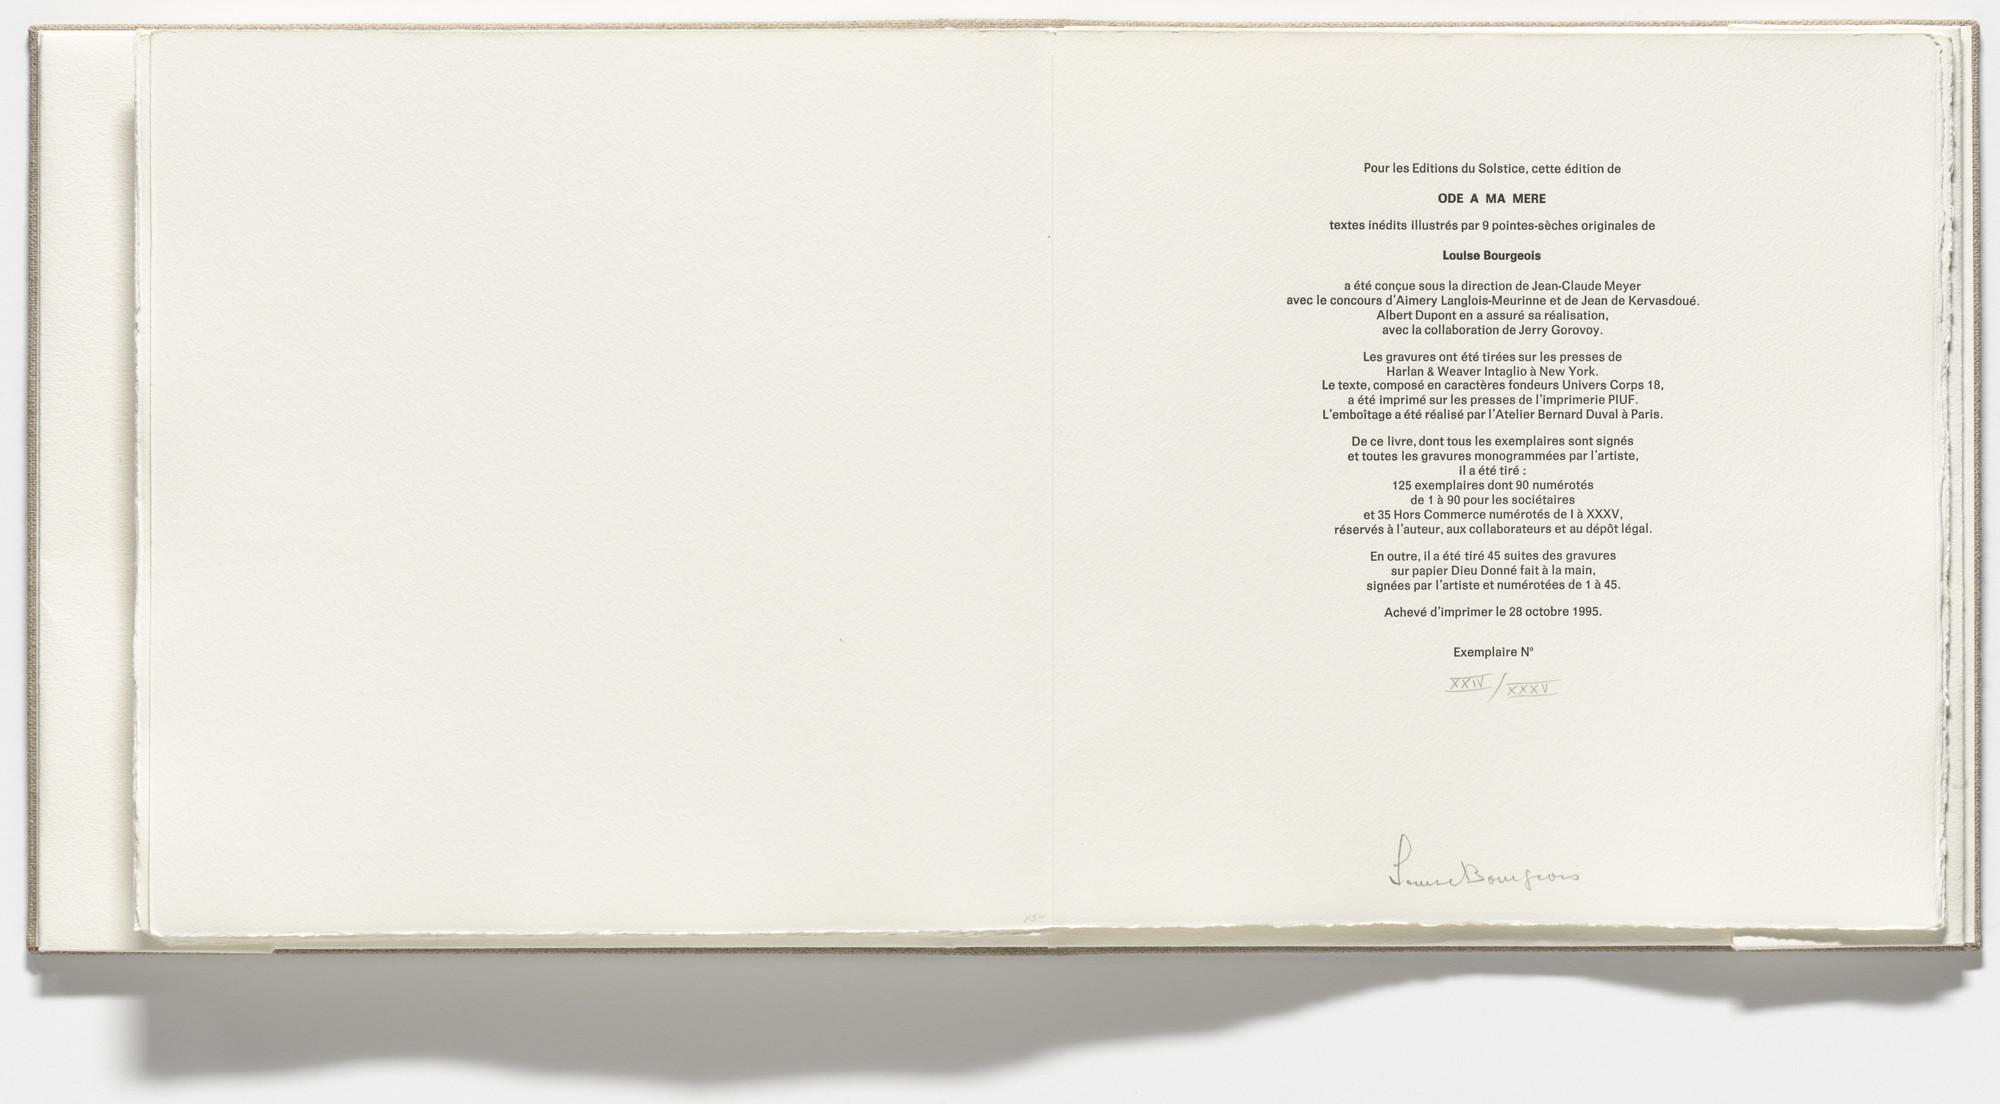 Louise Bourgeois Ode à Ma Mère 1995 Moma